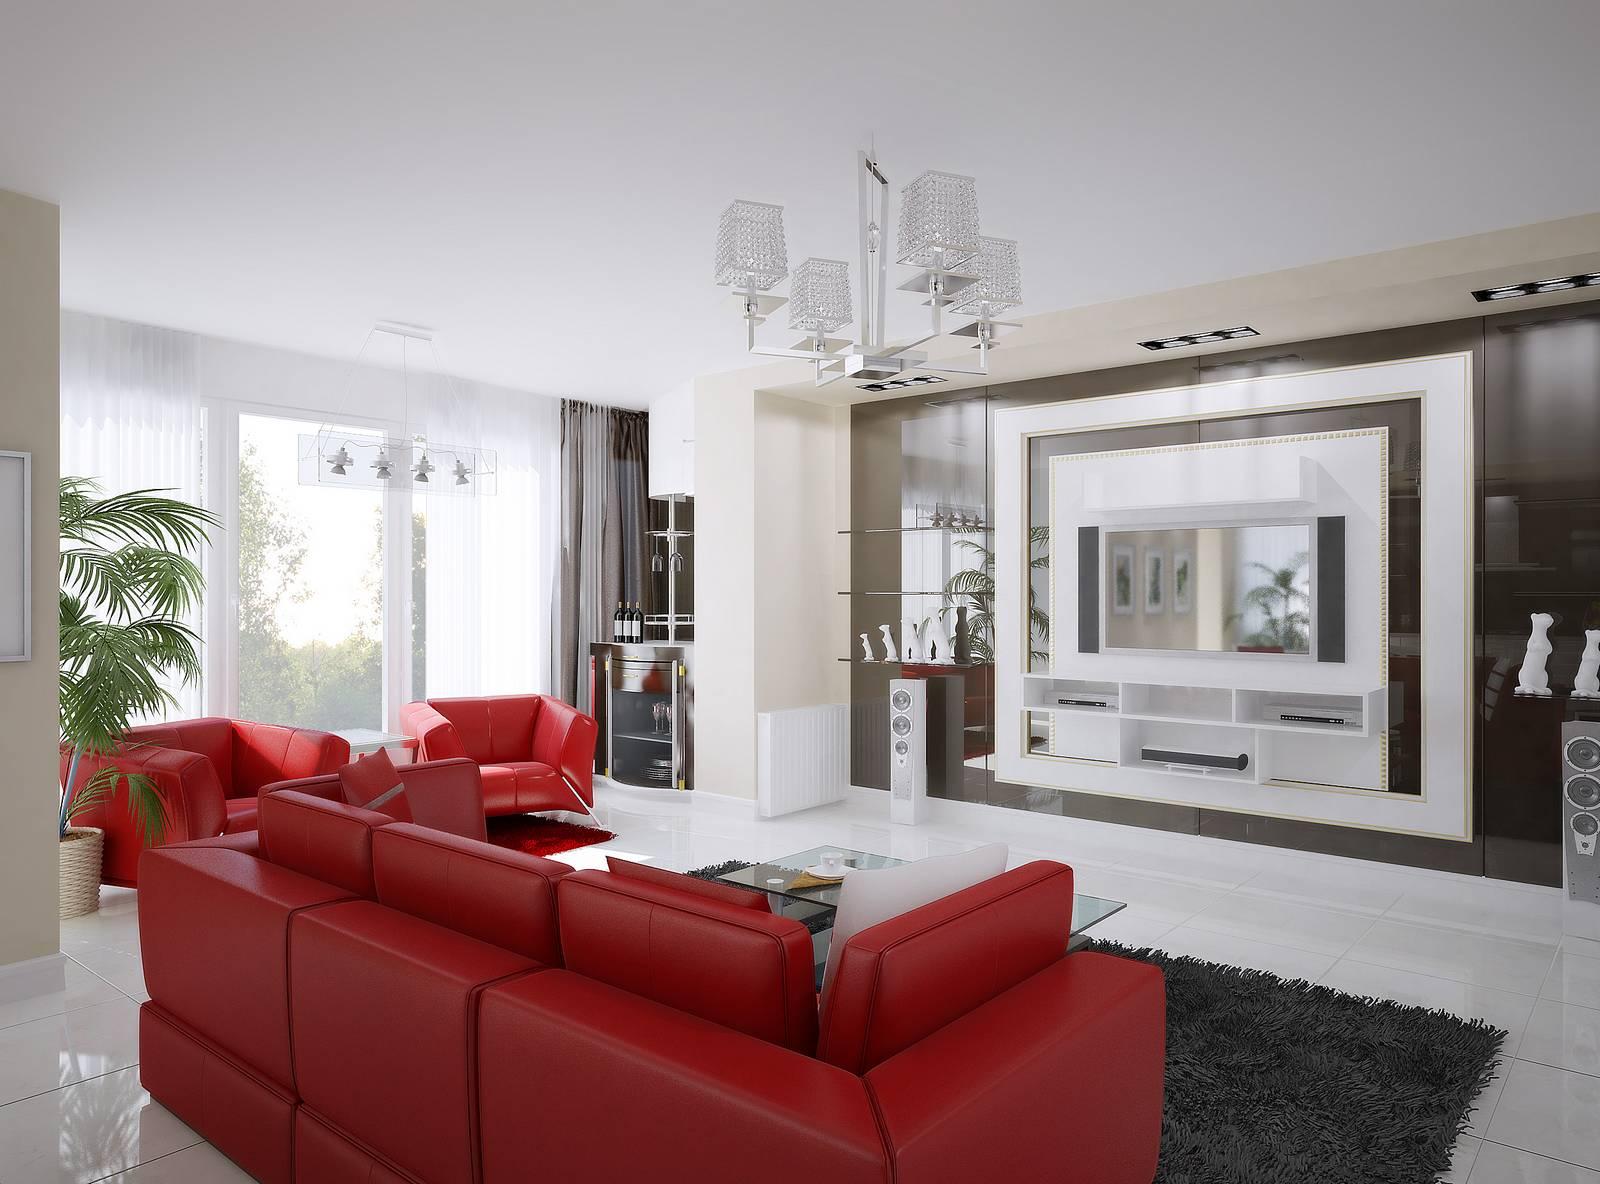 Красная кожаная мебель в интерьере